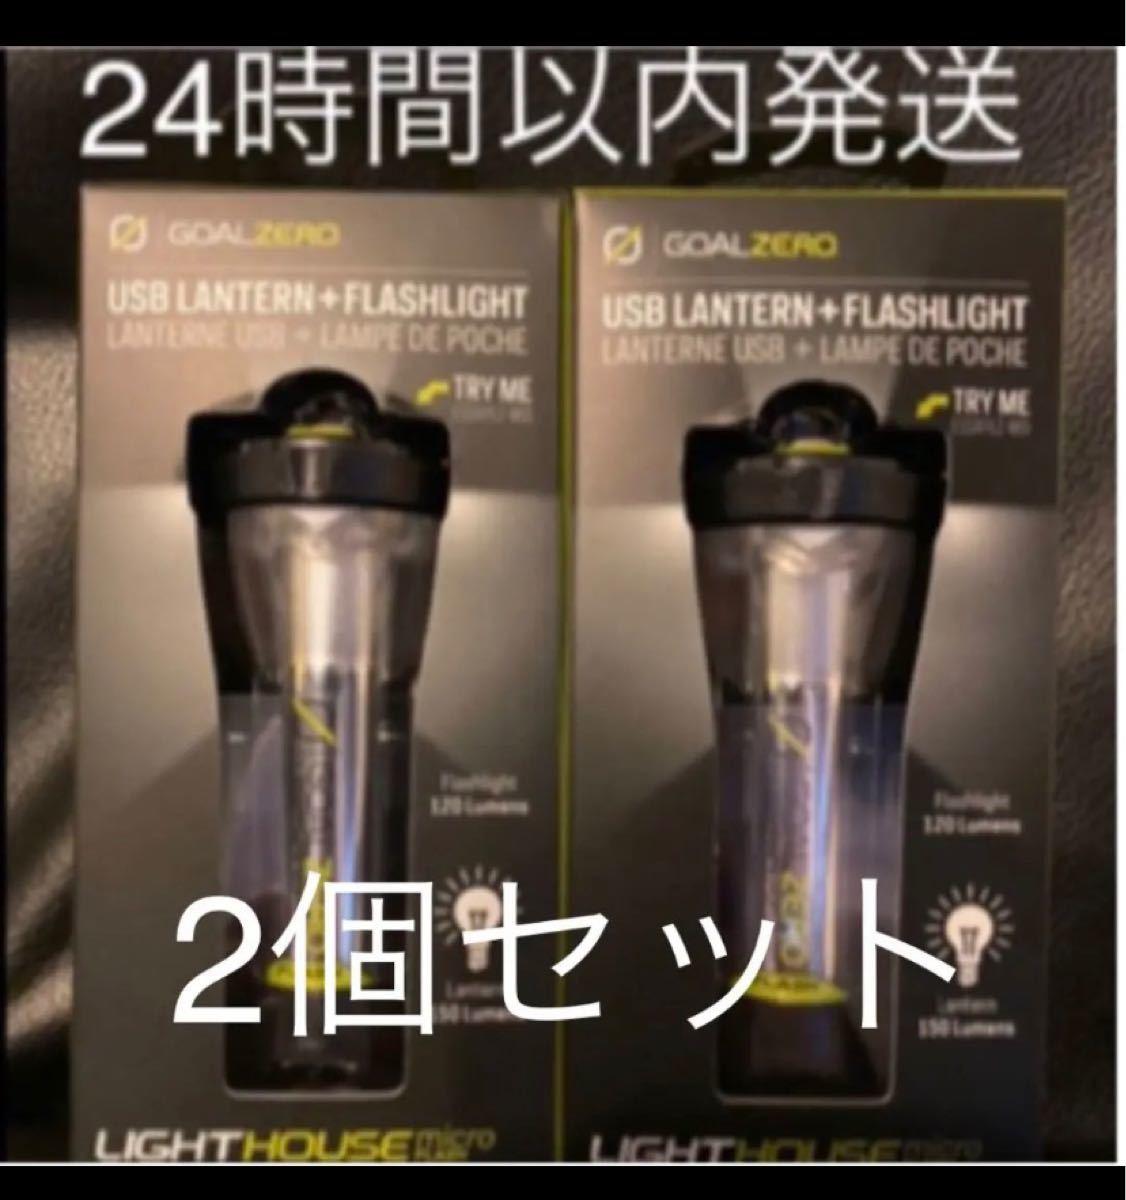 新品 goal zero micro flash LED ランタン 2個セット ゴールゼロ マイクロ フラッシュ